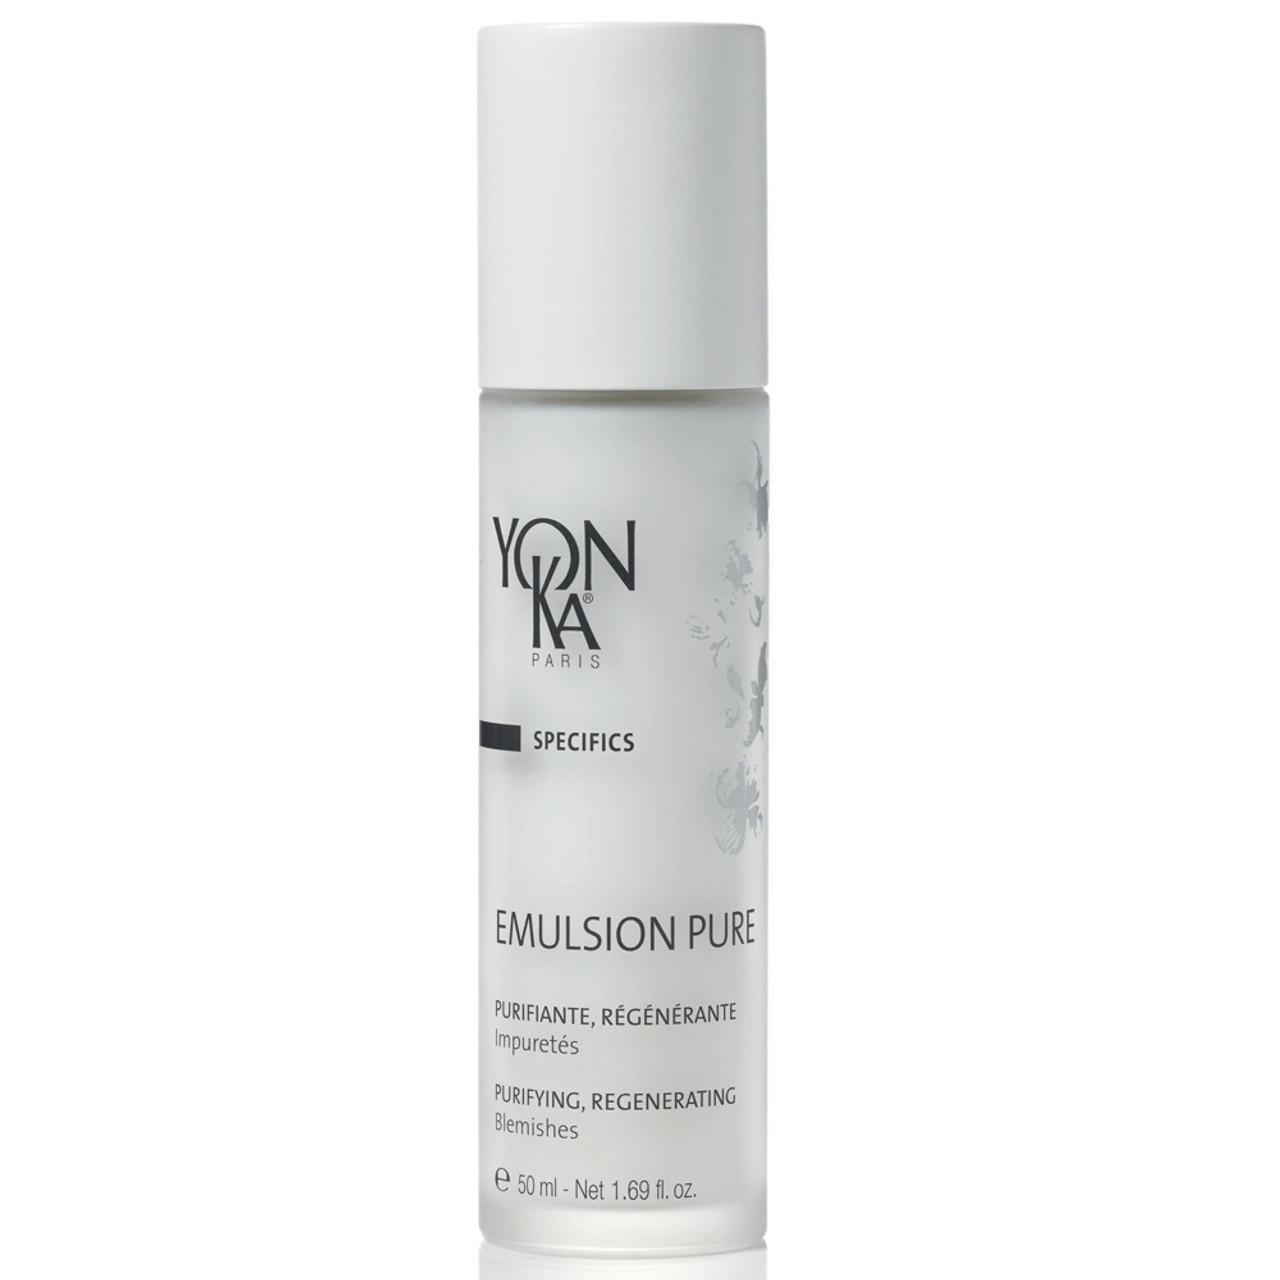 YonKa Emulsion Pure BeautifiedYou.com